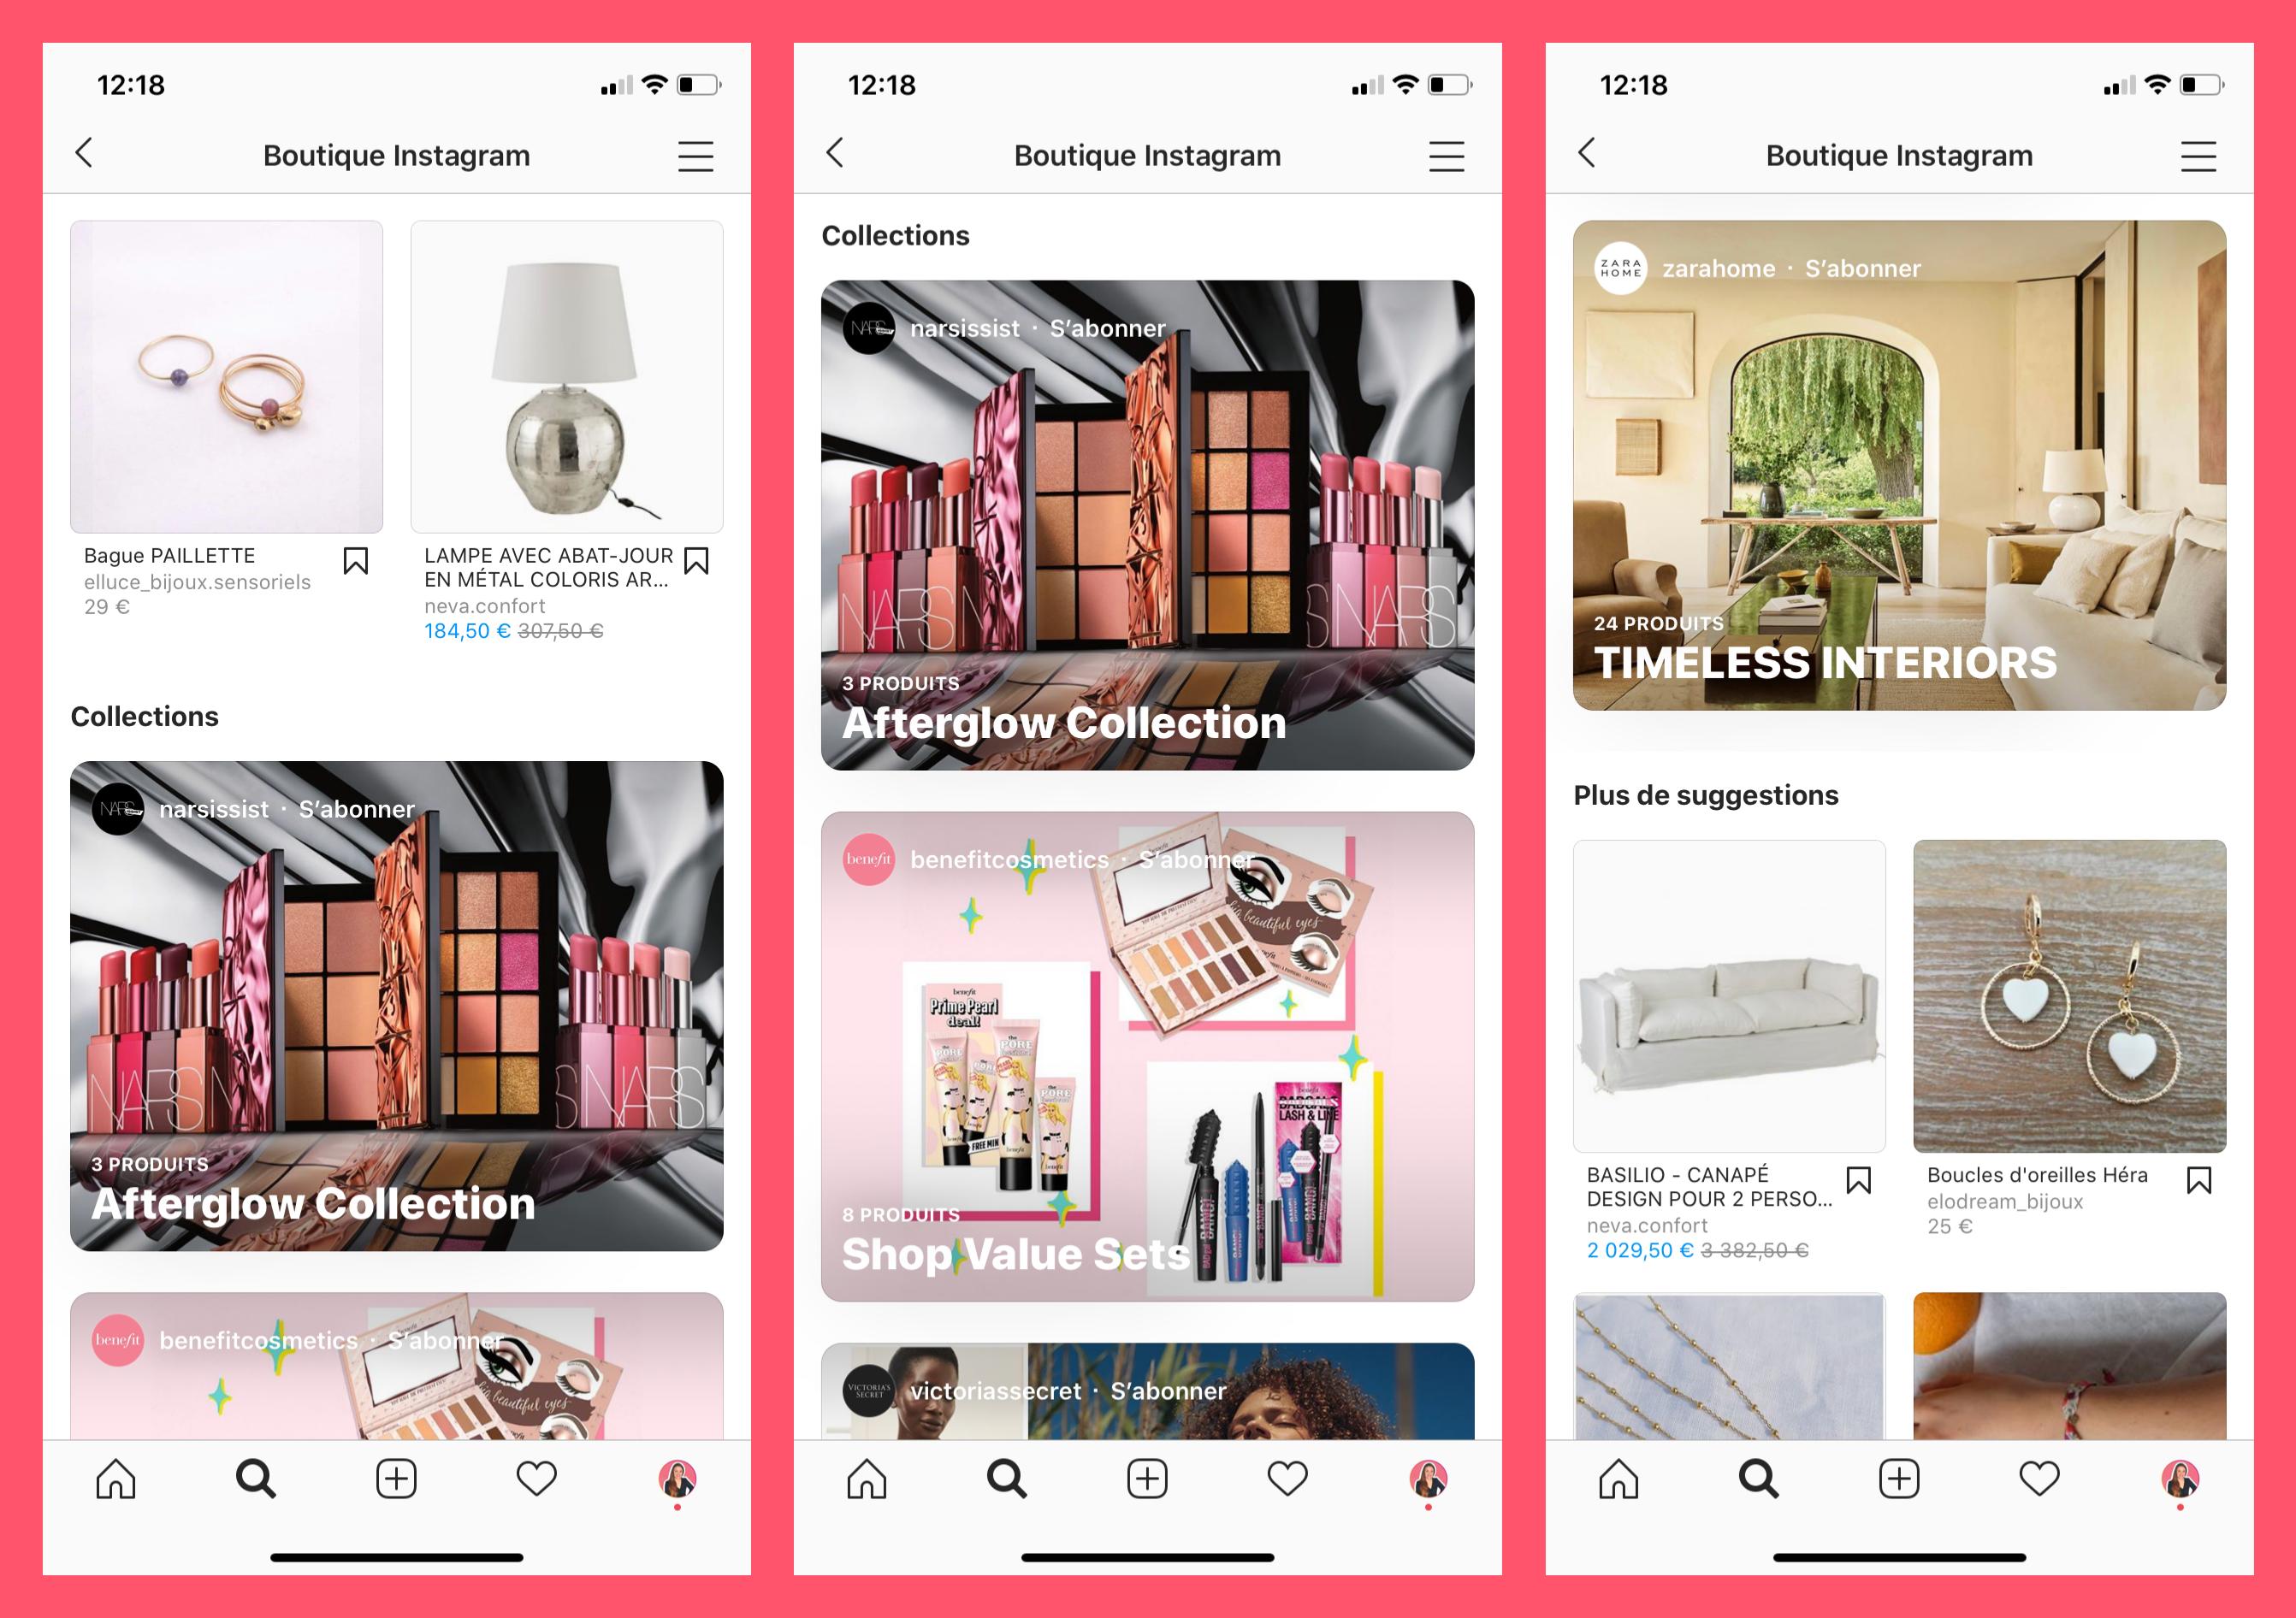 Nouveauté Instagram 2020, Instagram Boutique, Instagram Shopping